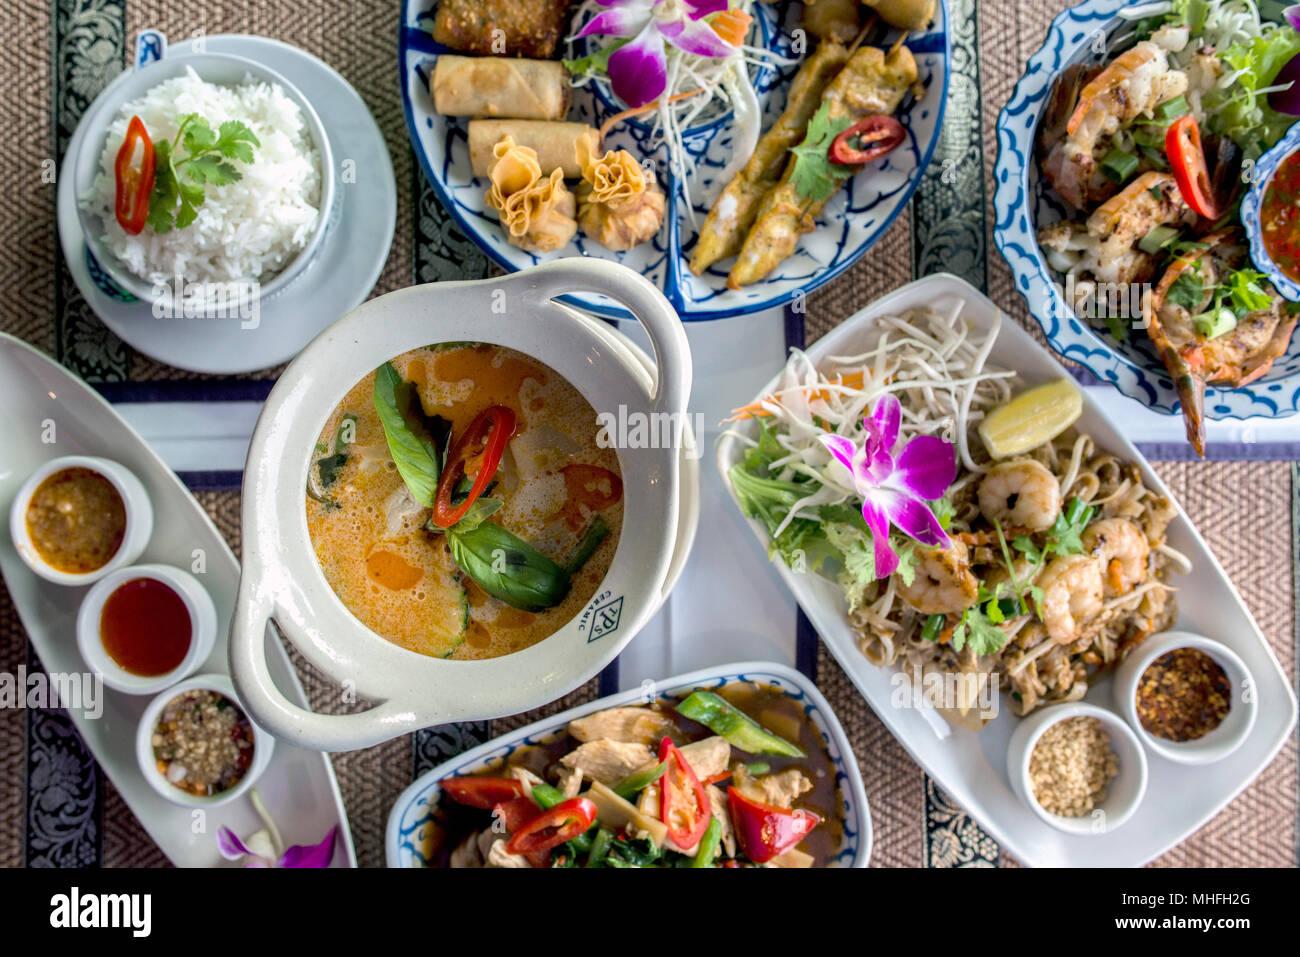 Thailändisches Essen in einem Restaurant Stockbild